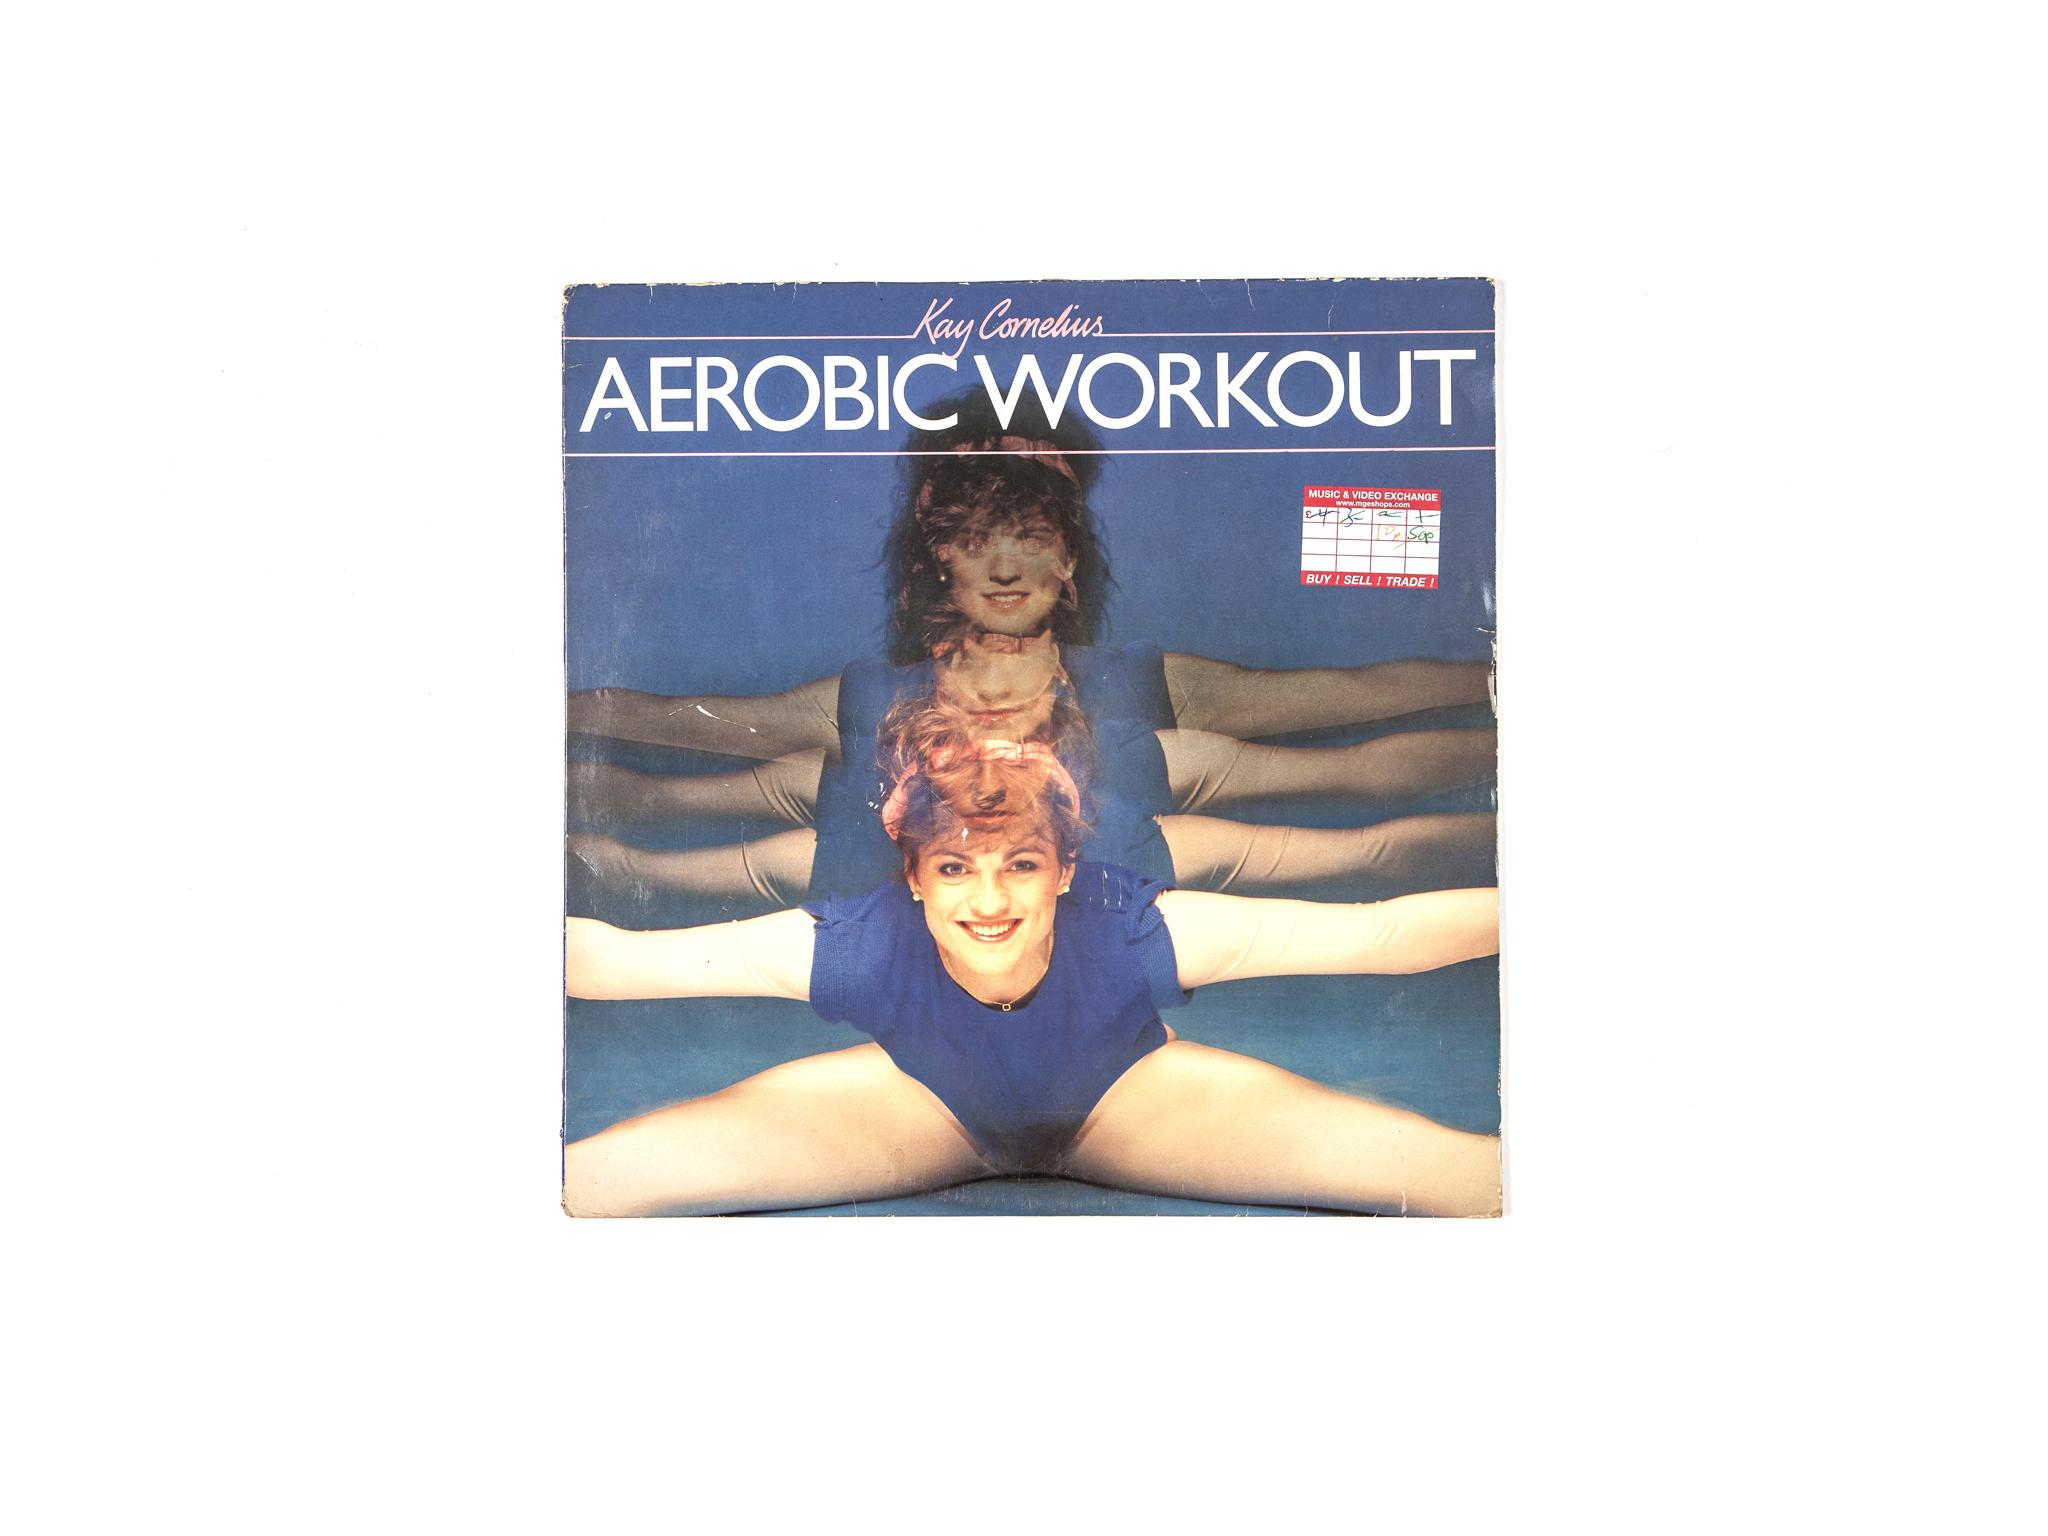 'Kay Cornelius: Aerobic Workout' (1983)